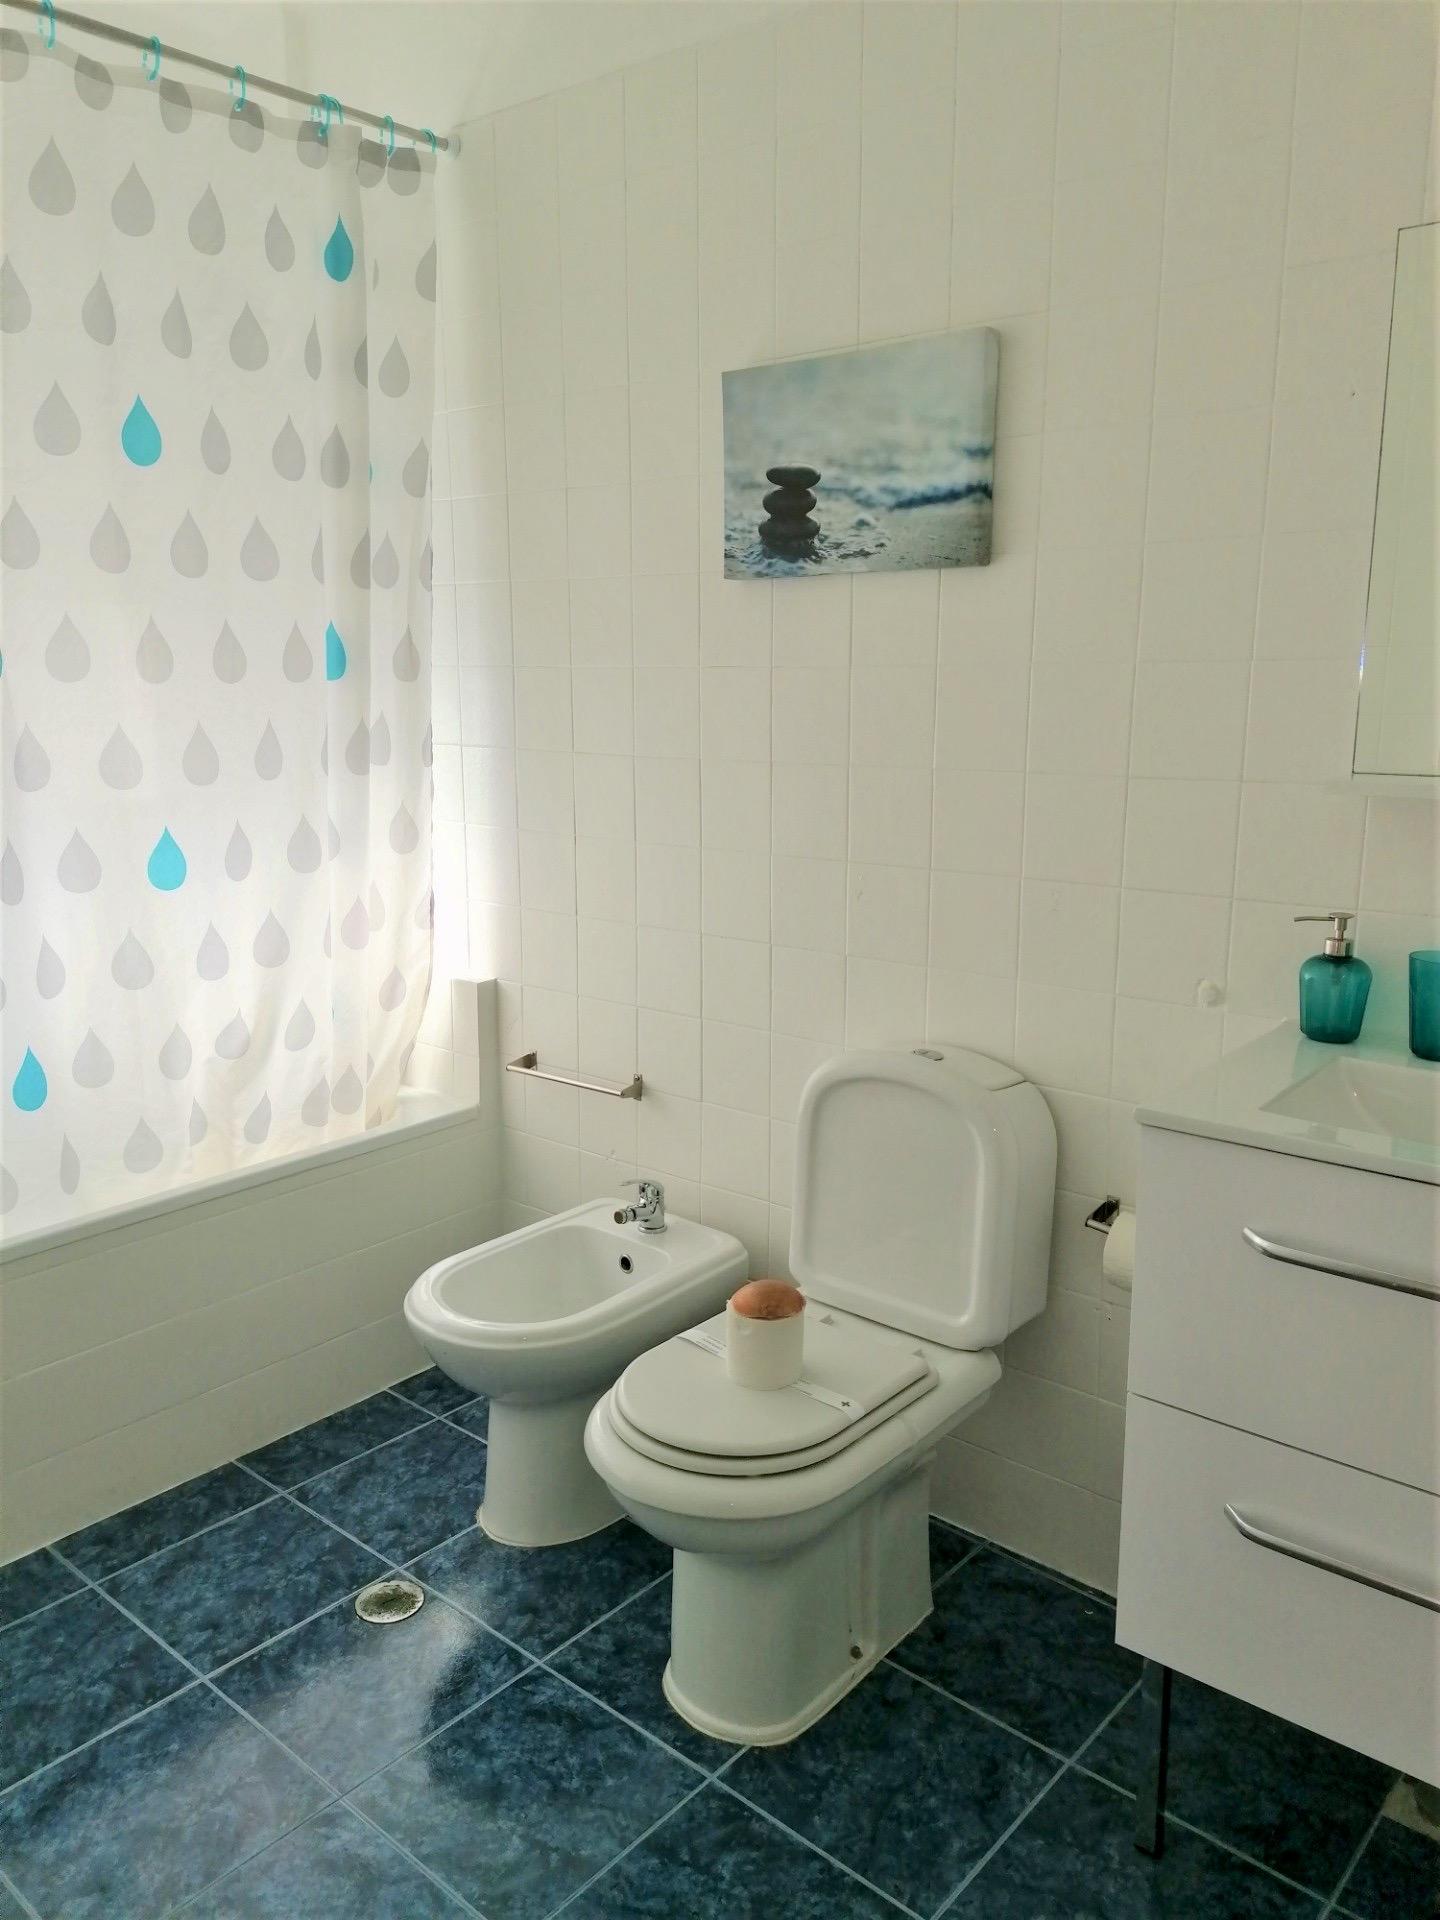 Location appartements et villas de vacance, Albufeira Bran House, Fantástico Apartamento Férias T1, a 200m a pé da praia, Baixa Antiga de Albufeira à Albufeira, Portugal Algarve, REF_IMG_15967_15968